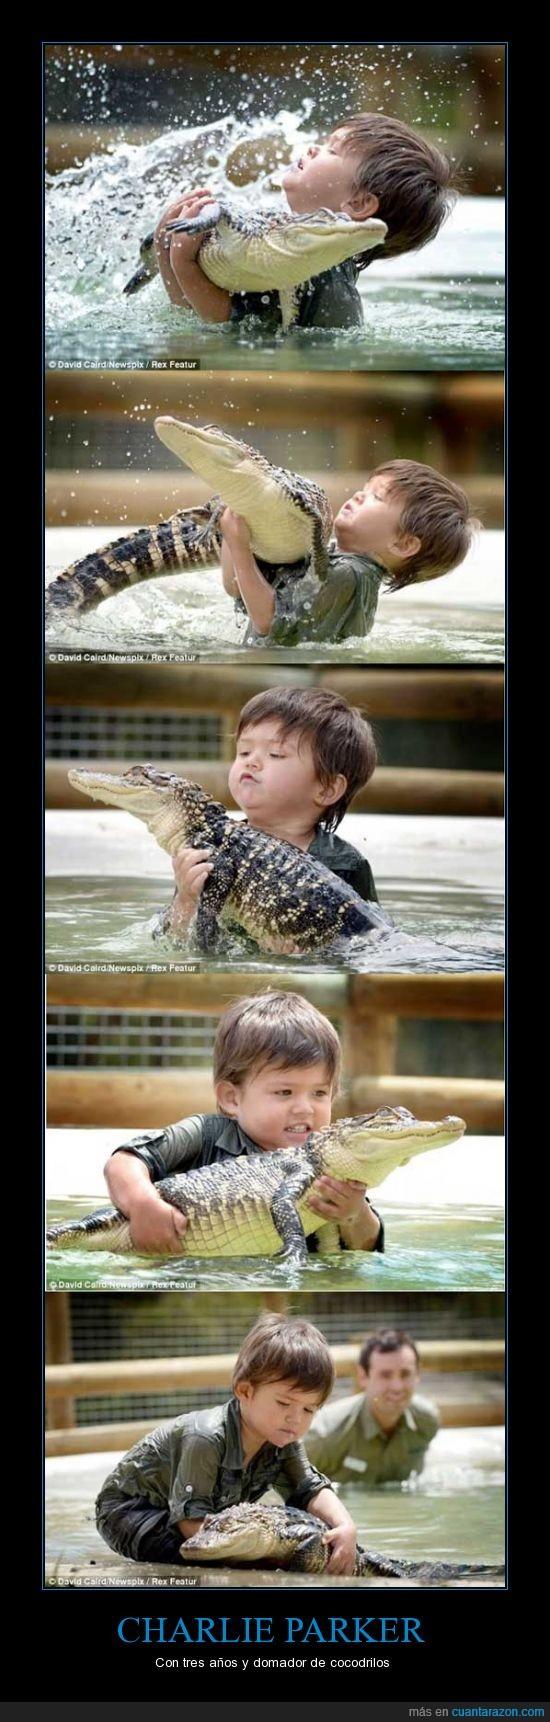 caiman,charlie,cocodrilo,domador,lagarto,niño,parker,pequeño,se quedará sin dedos en breve,zoo